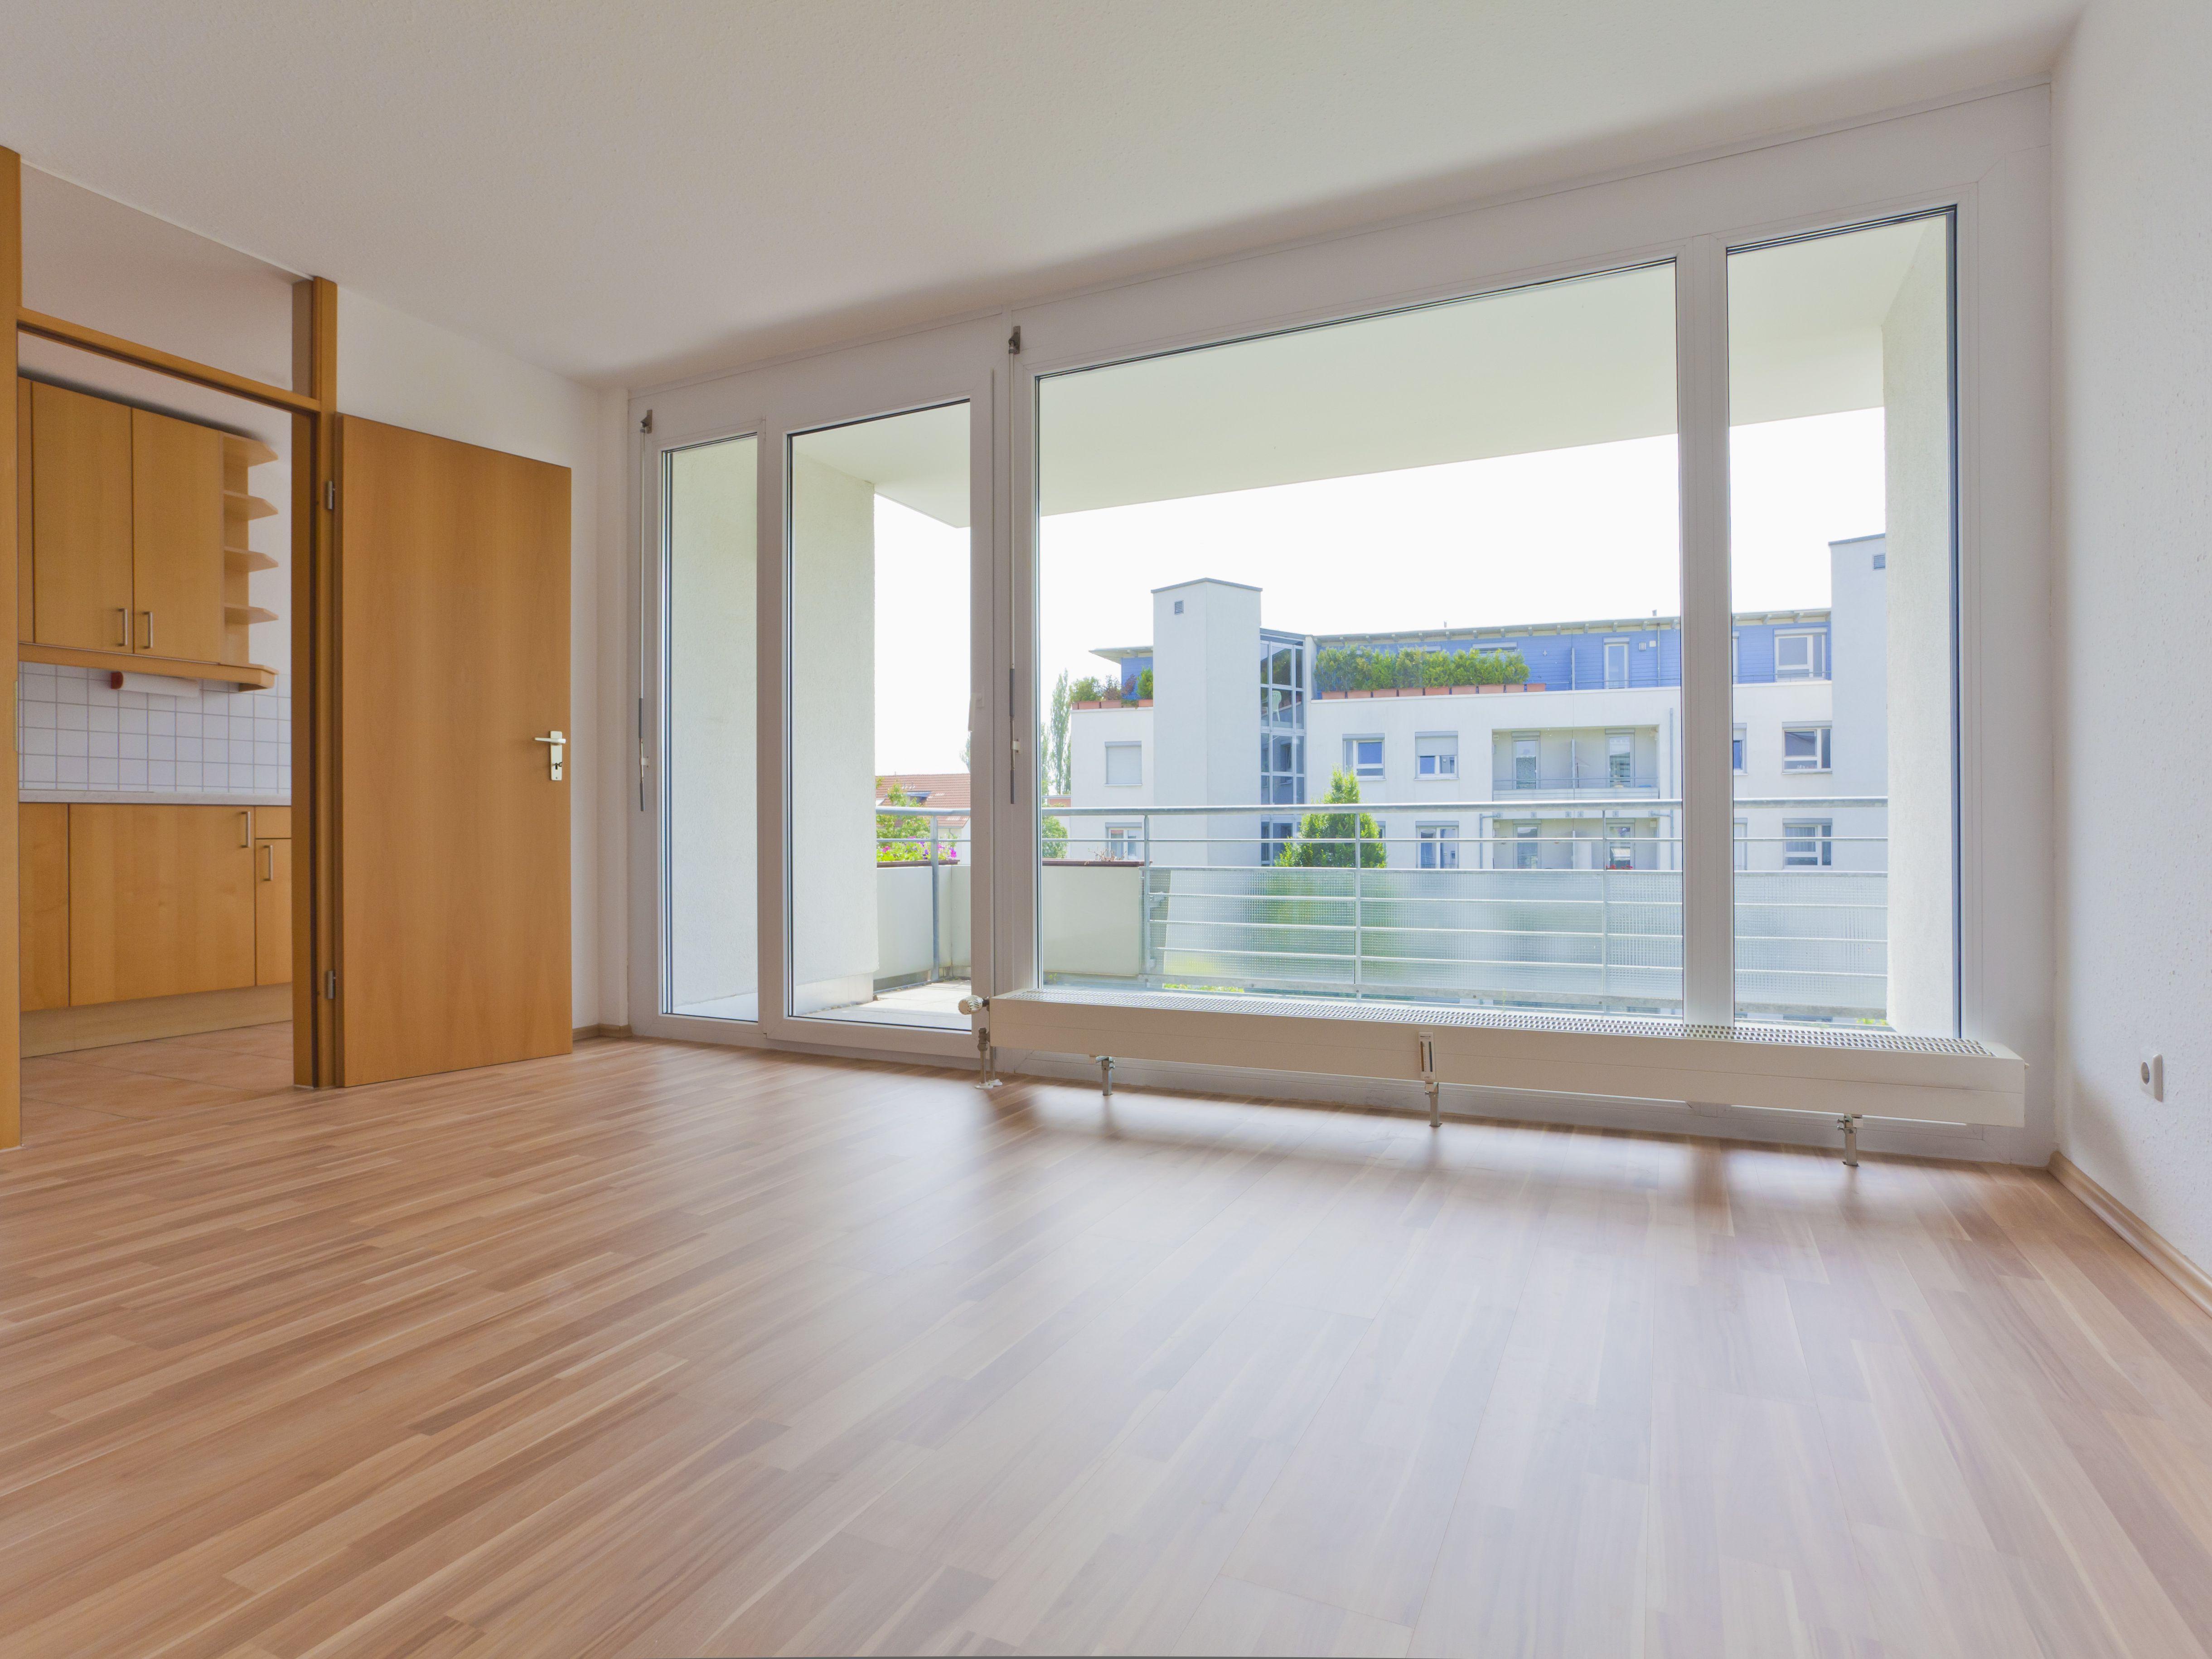 Vinyl Floors In Your Living Room